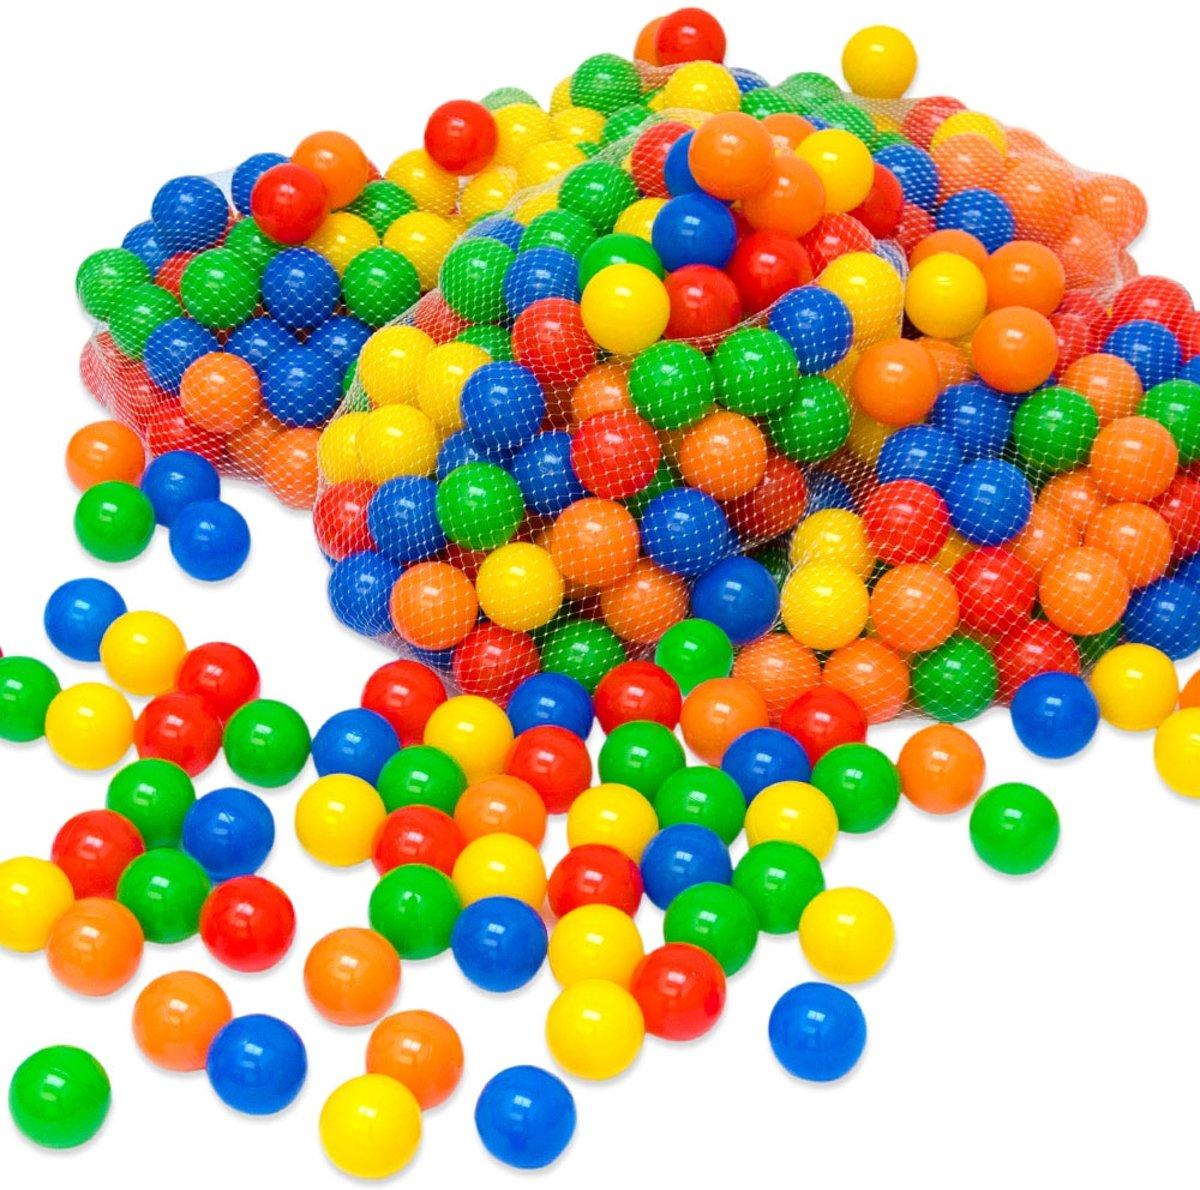 500 Kleurrijke ballenbadballen 5,5cm   plastic ballen kinderballen babyballen   kinderen baby puppy